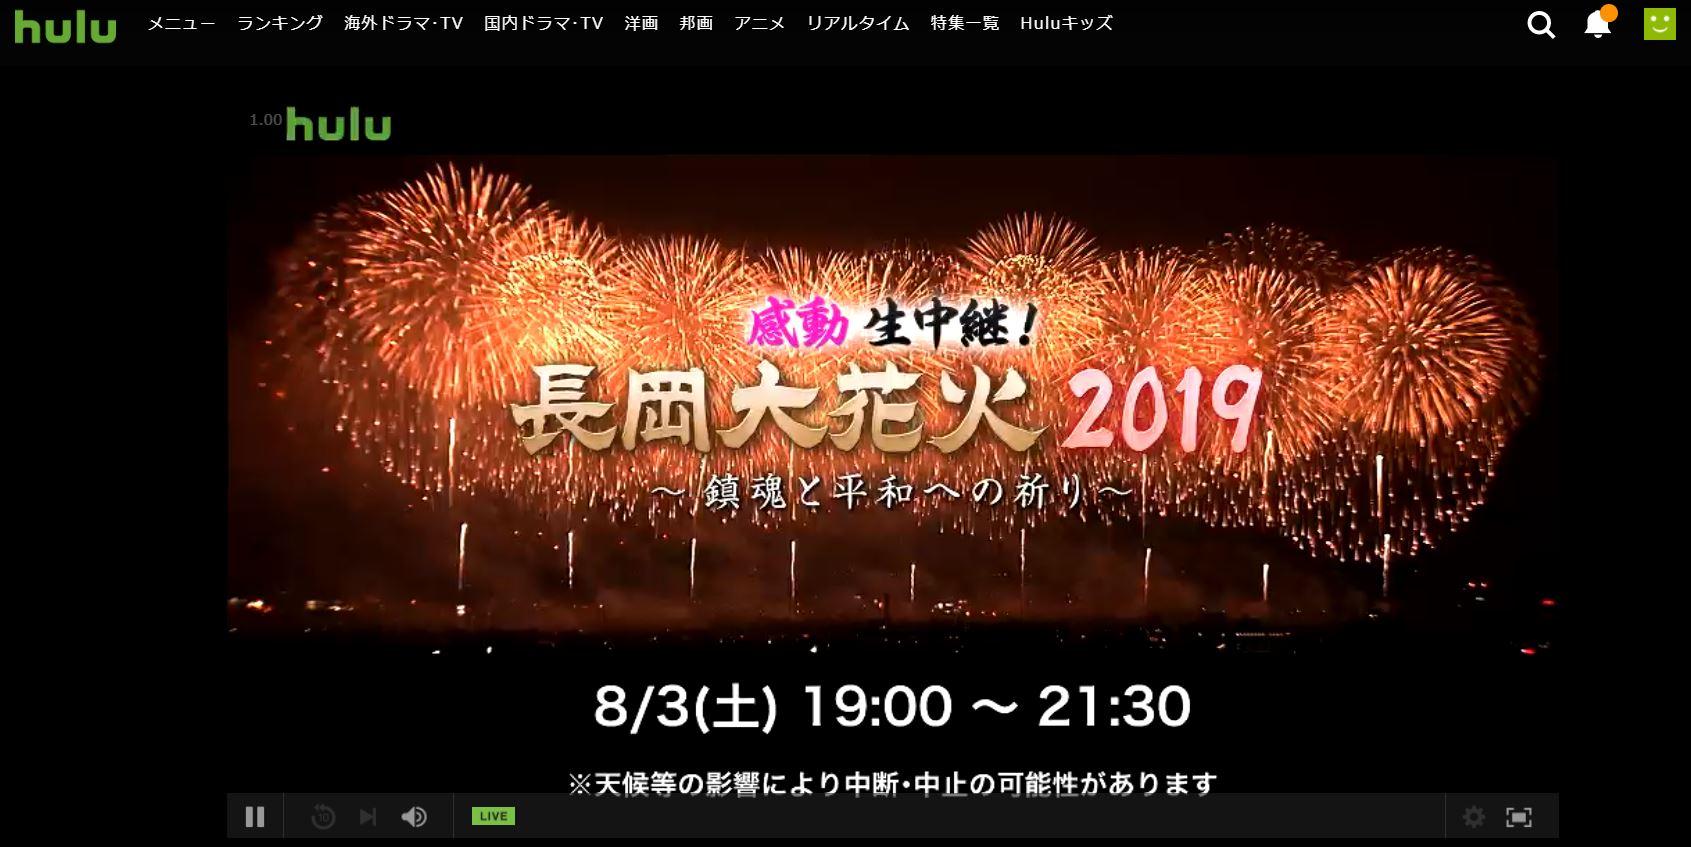 長岡花火大会2019をHuluで生中継配信